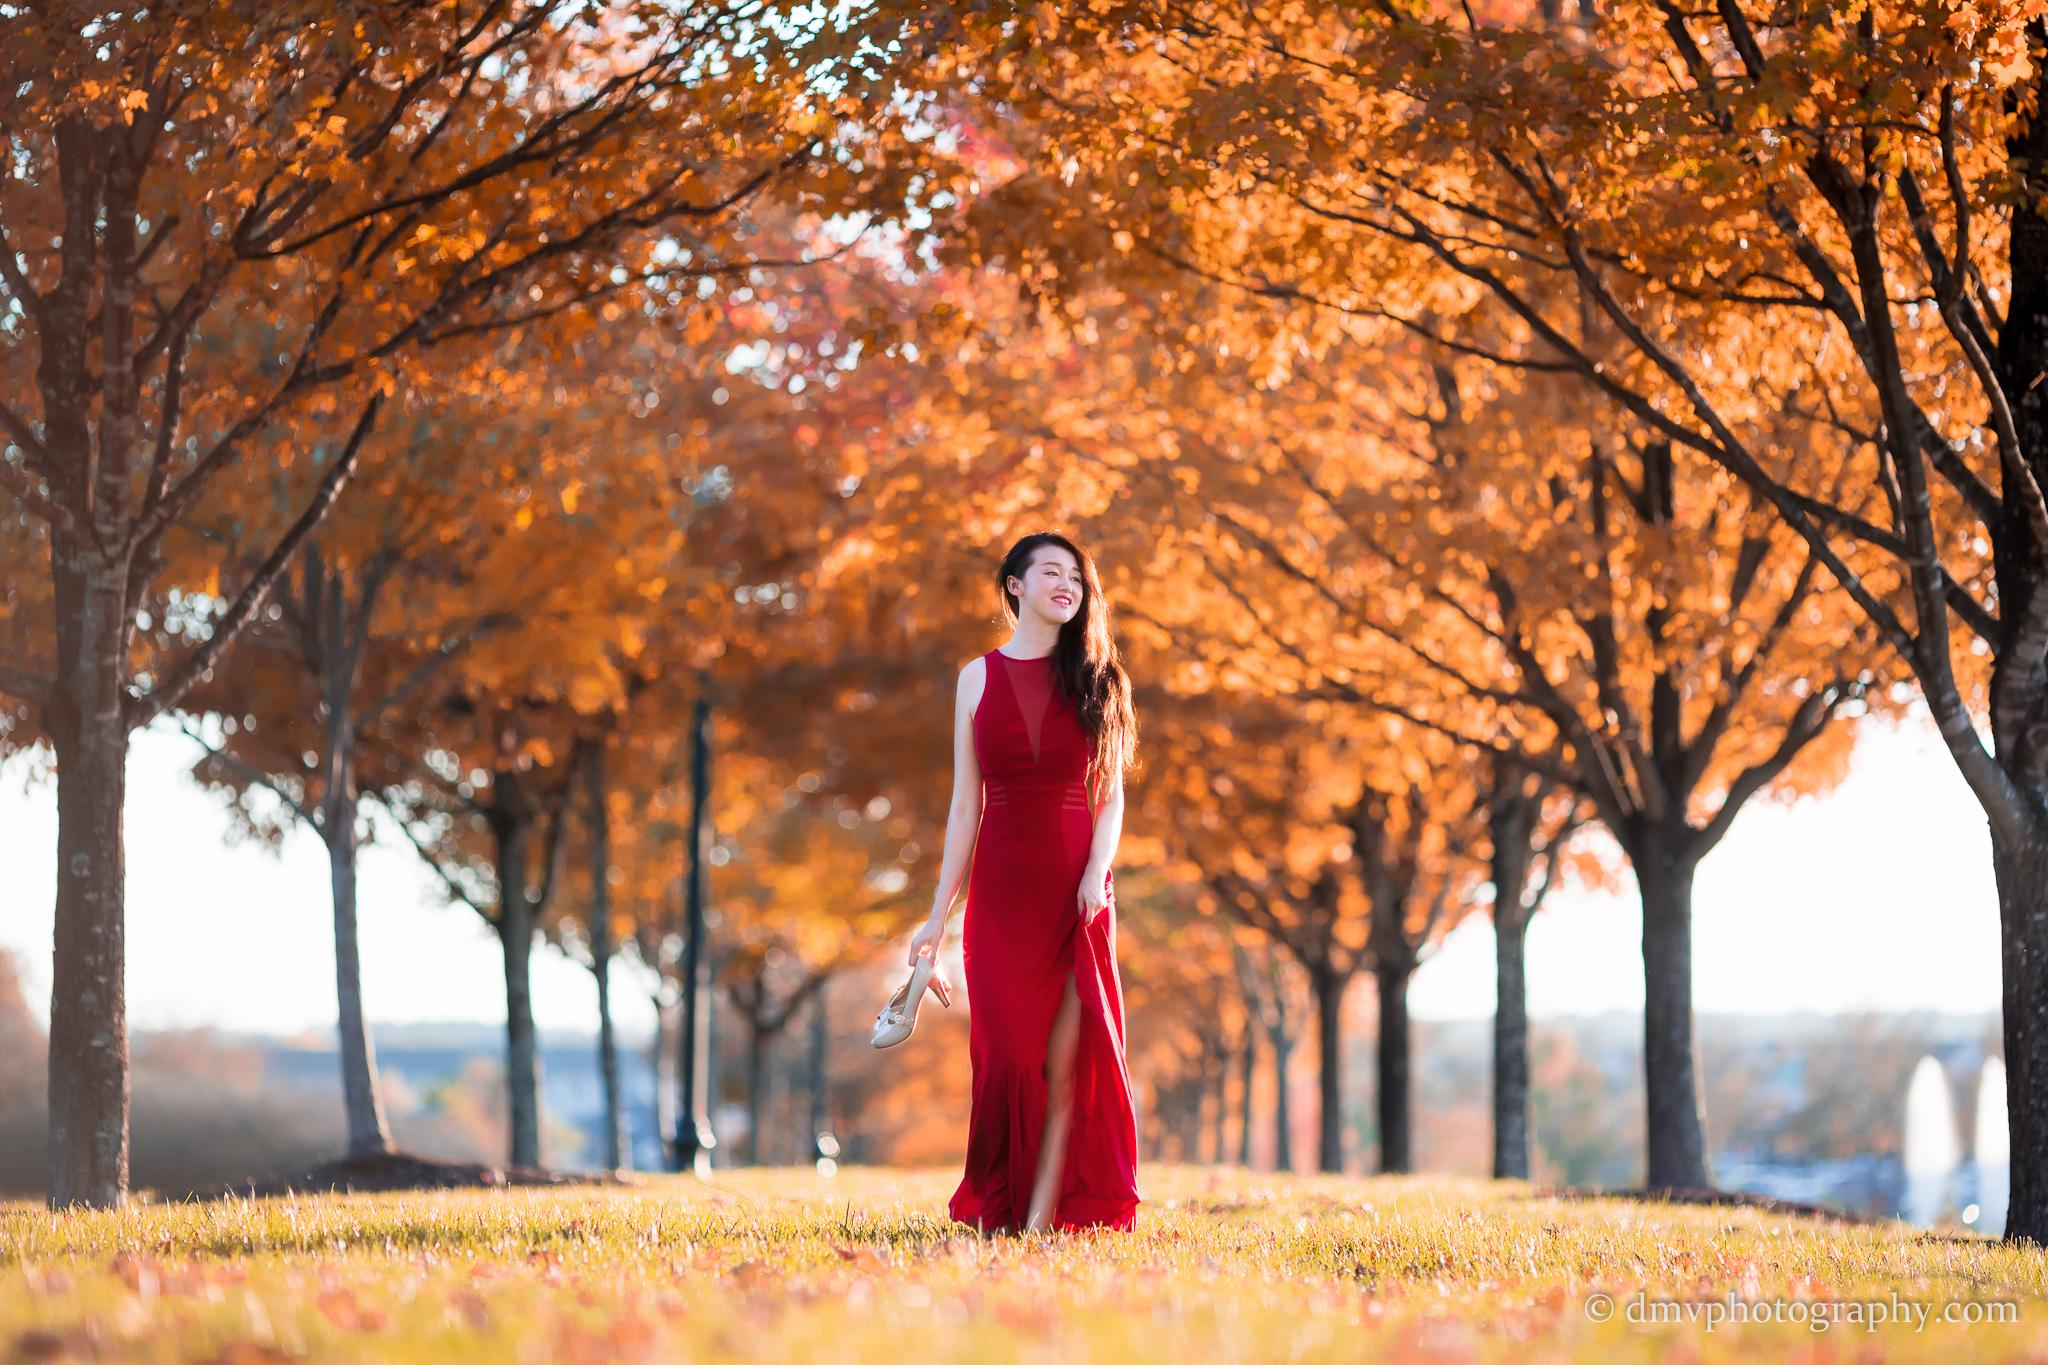 2016-10-29 - Li Jie - 00001 - 00035